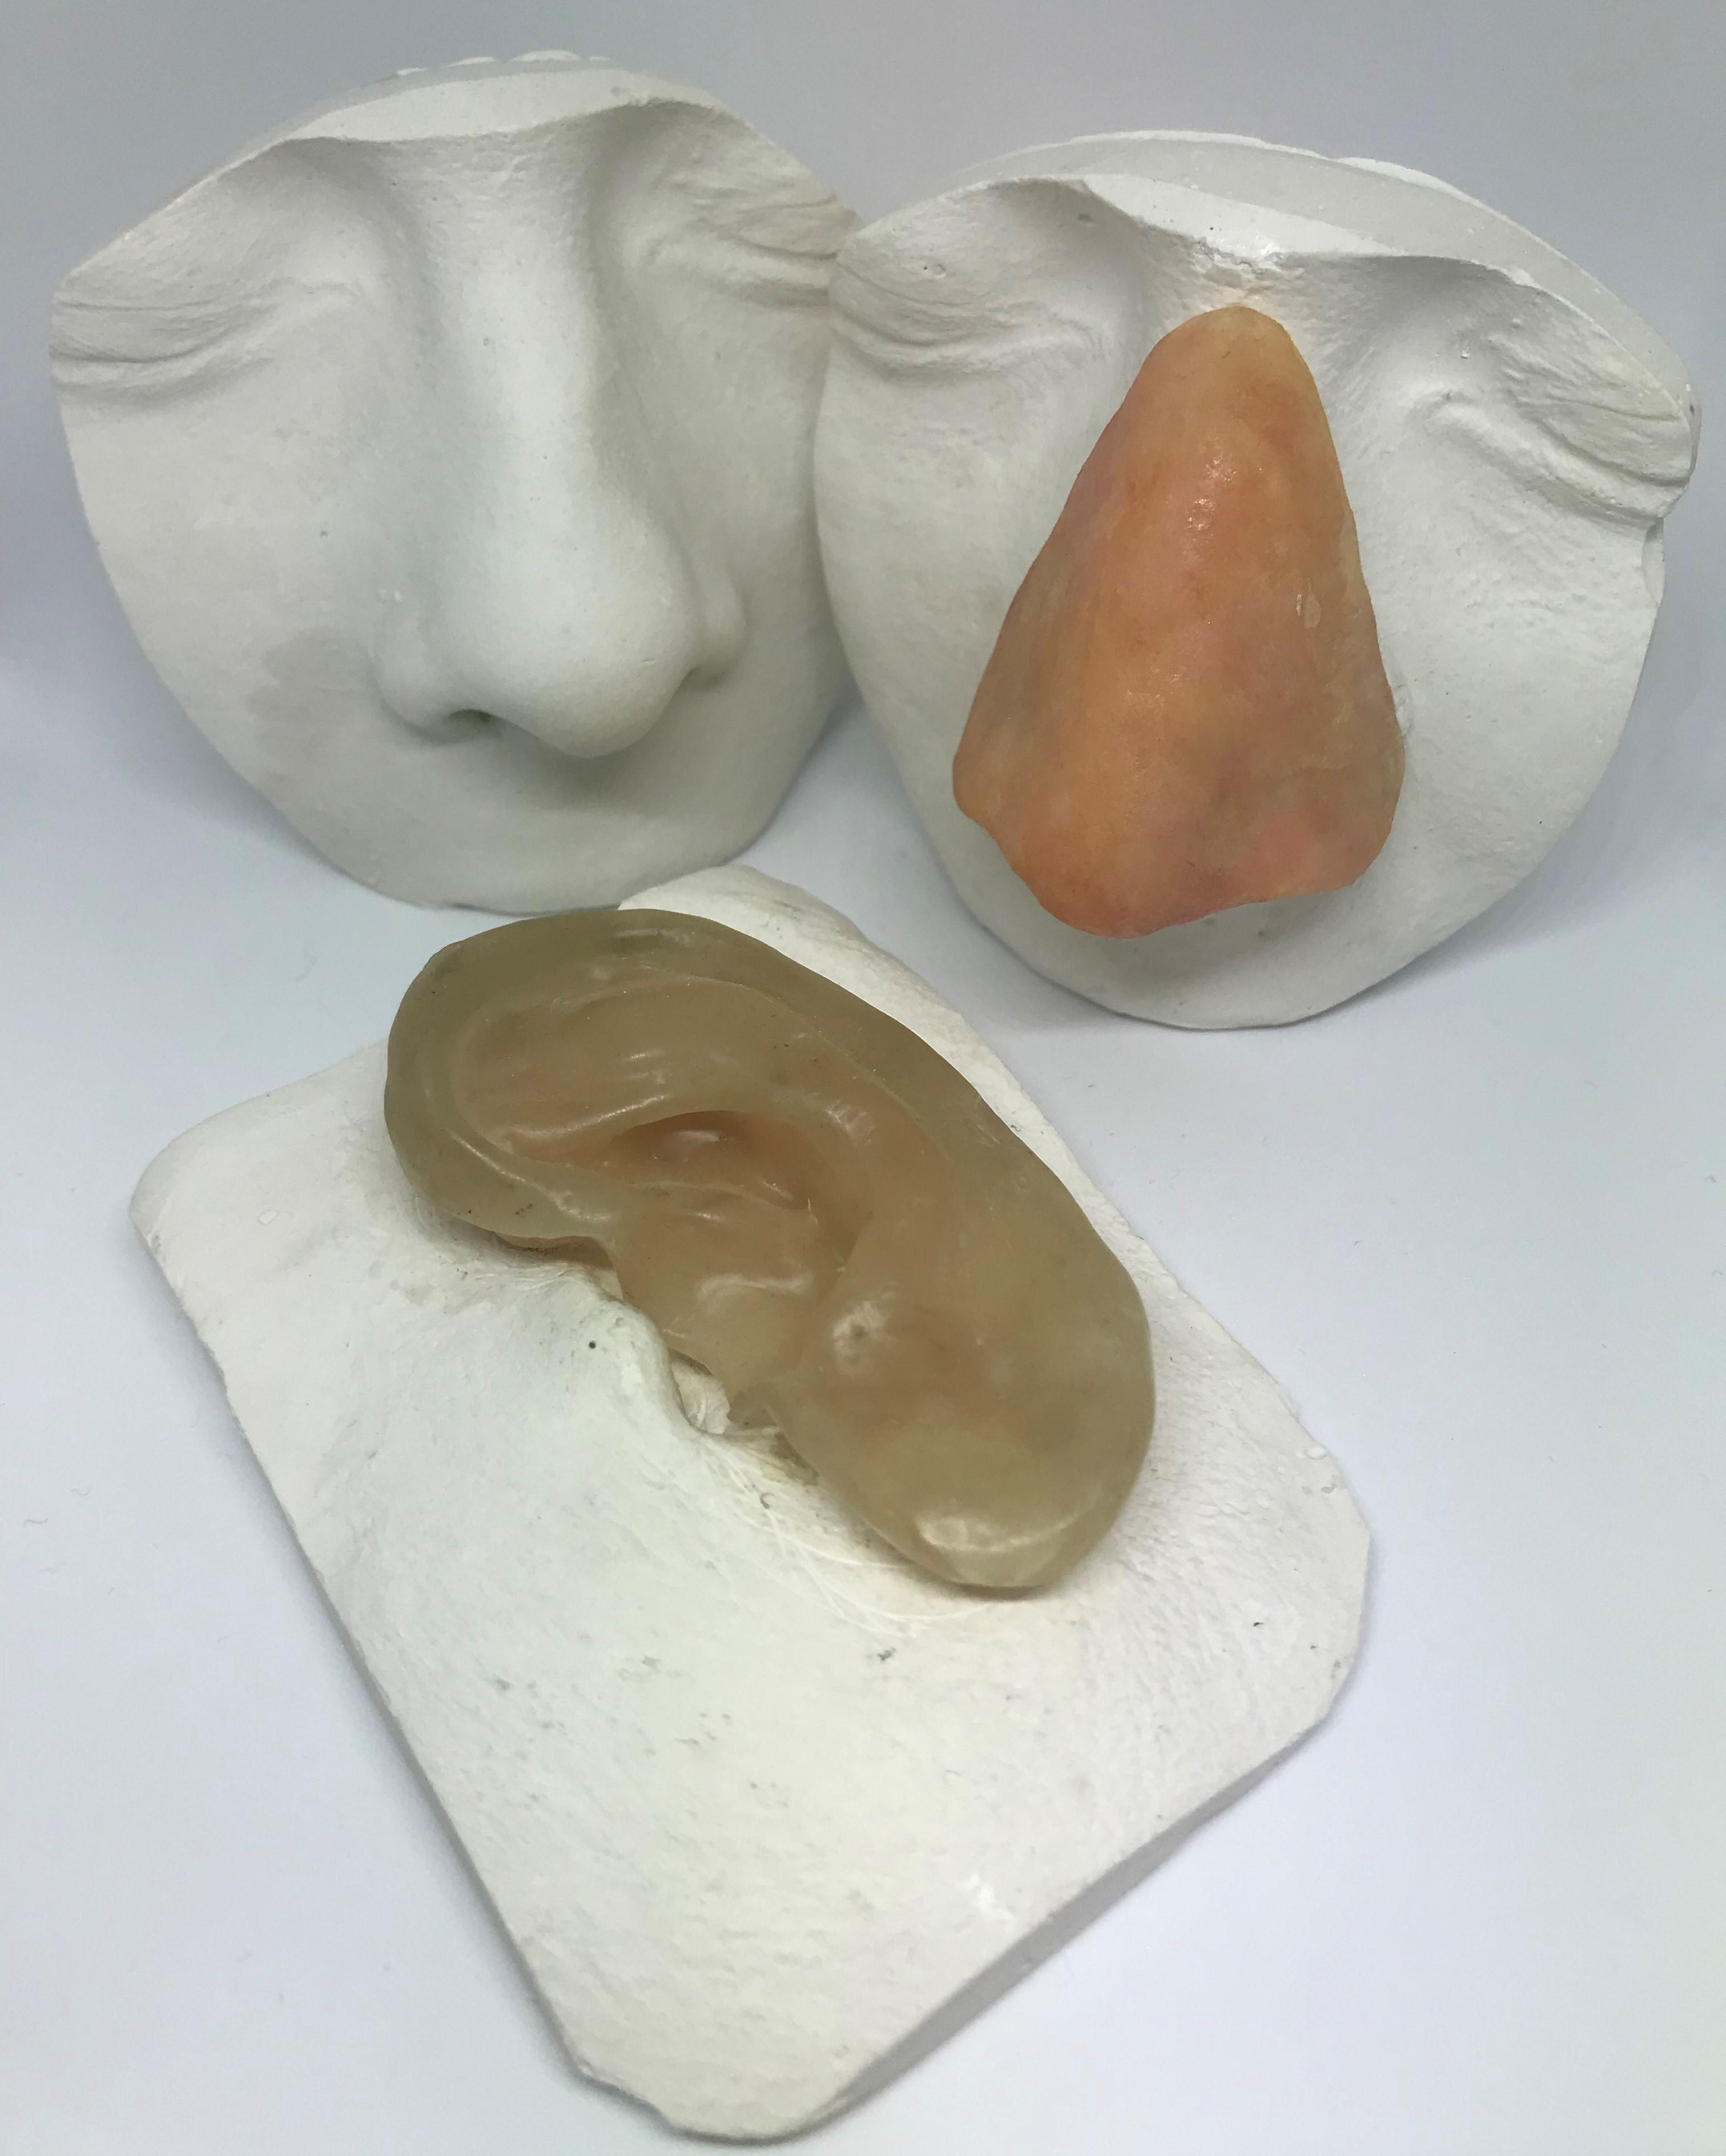 Misez sur des prothèses dentaires de qualité française, fabriquées en laboratoire